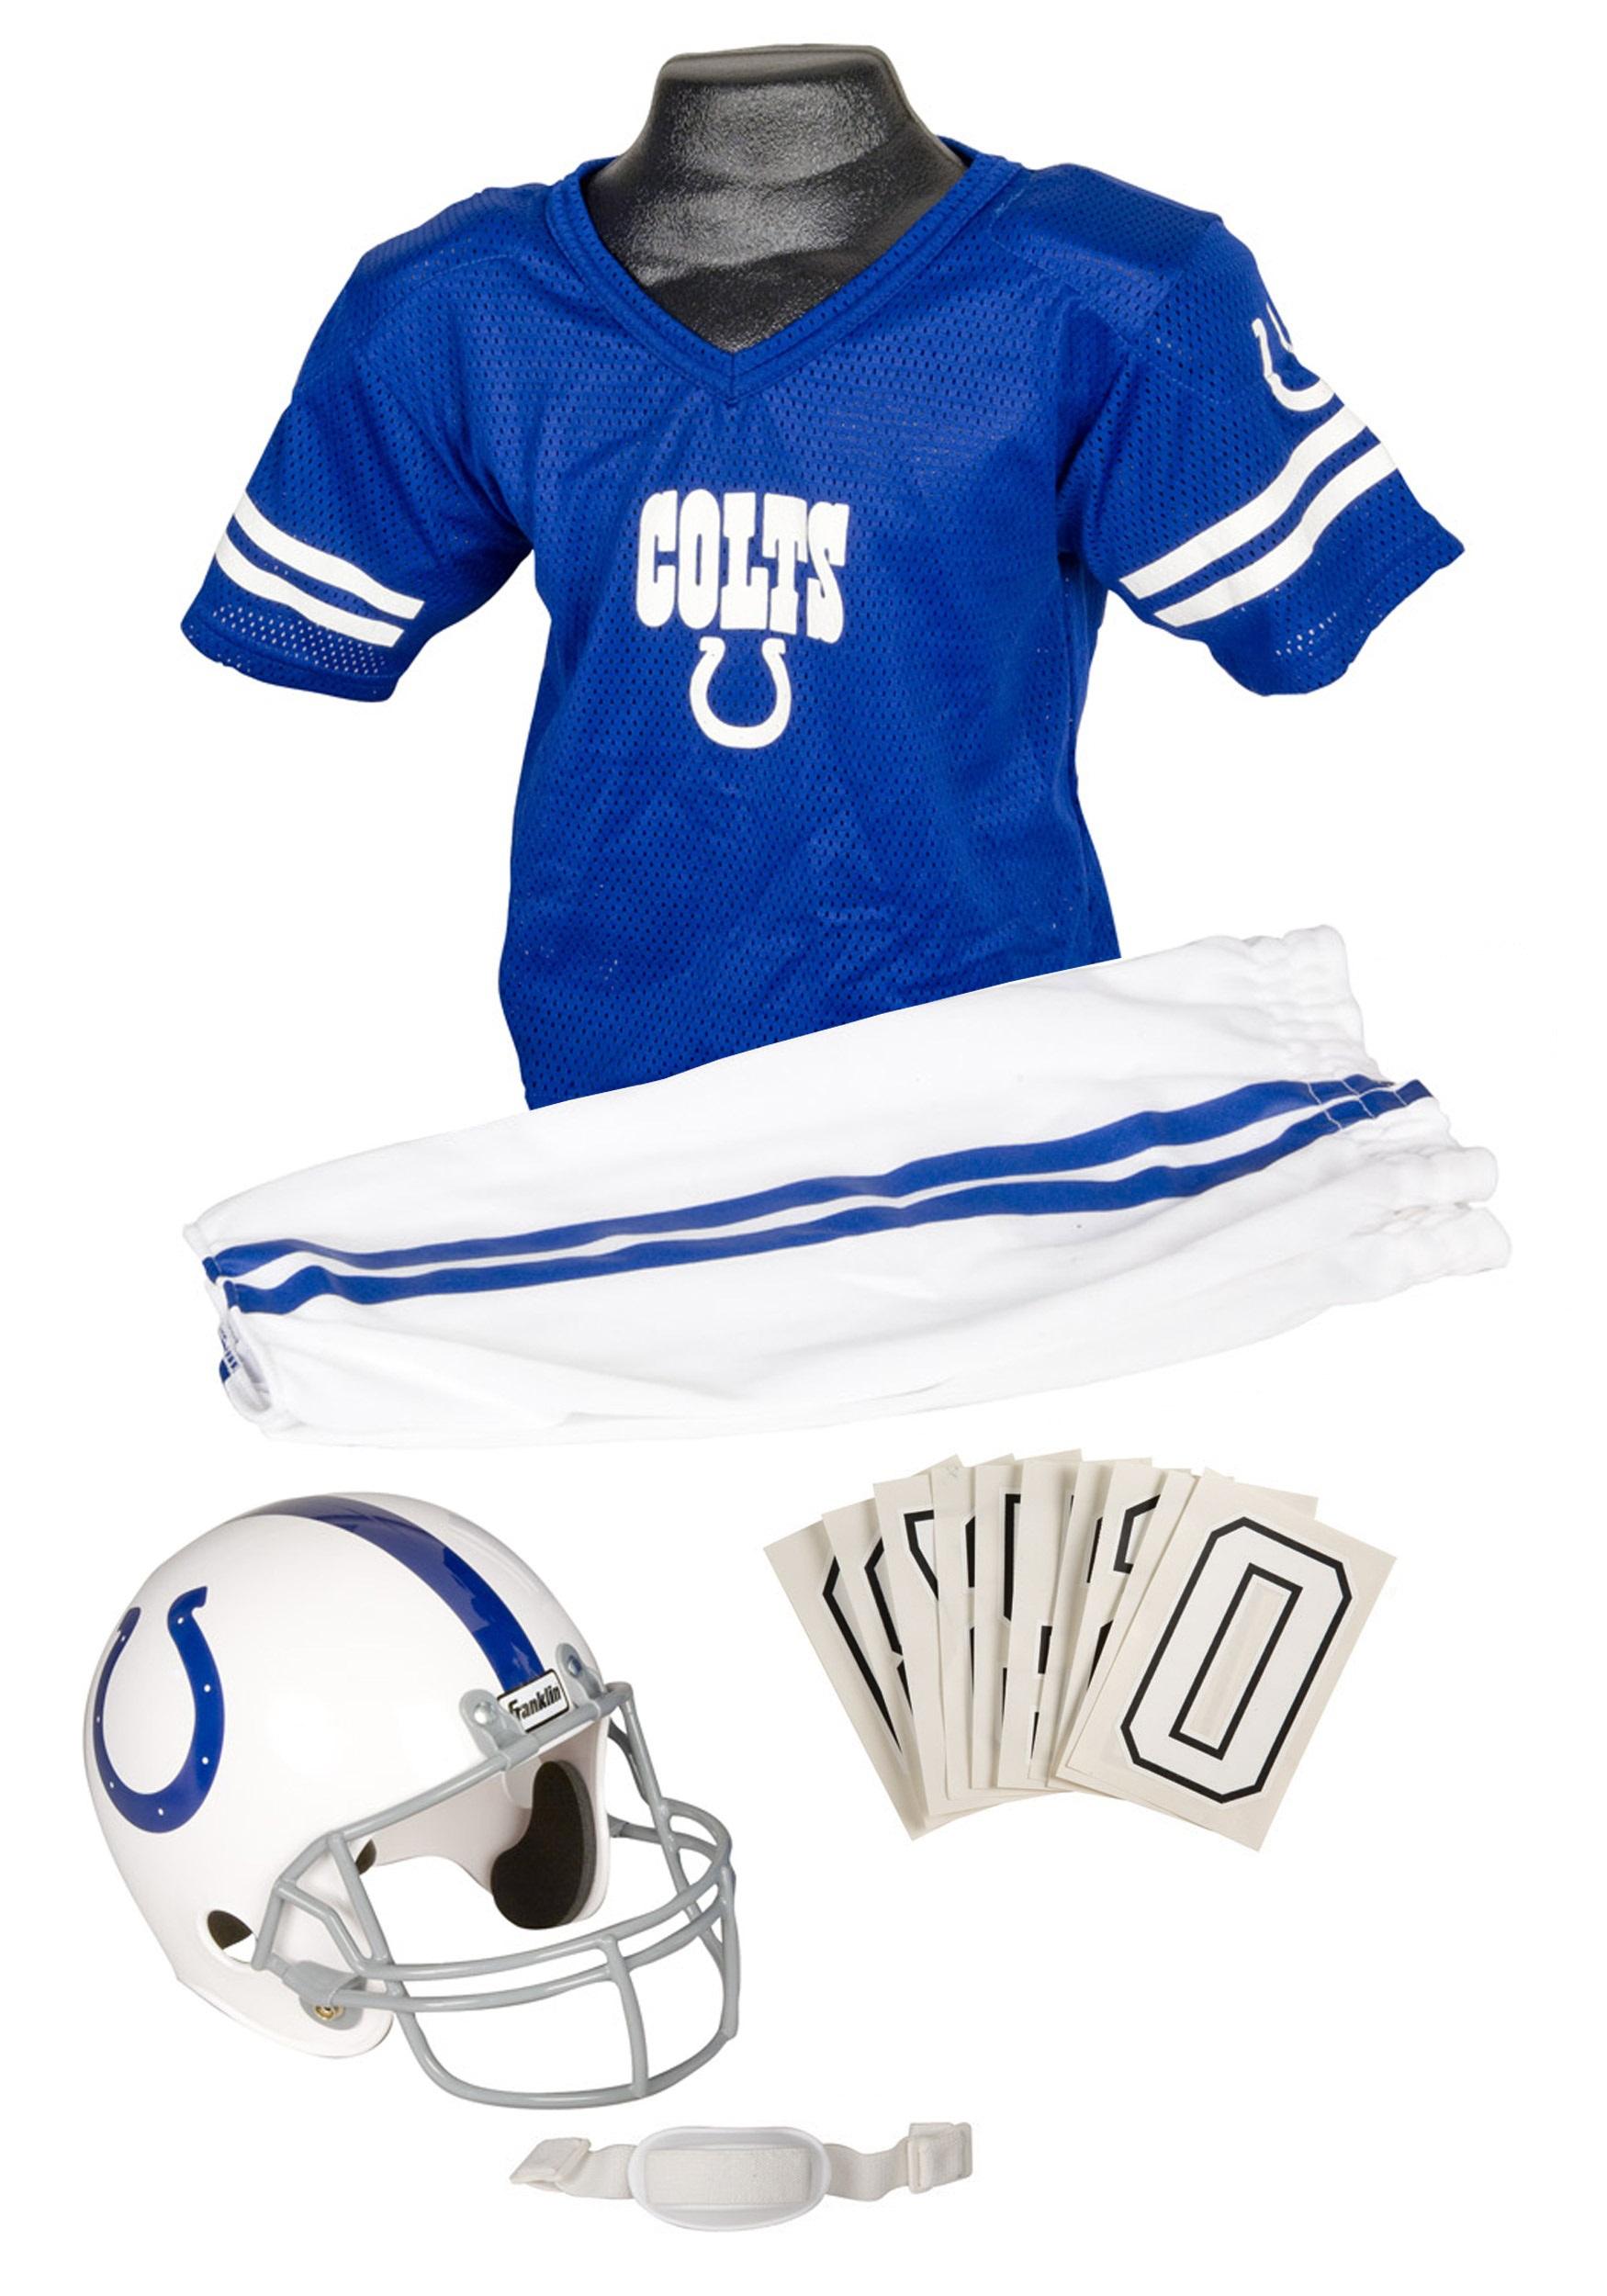 8c1b17b29fc Kids NFL Colts Uniform Costume